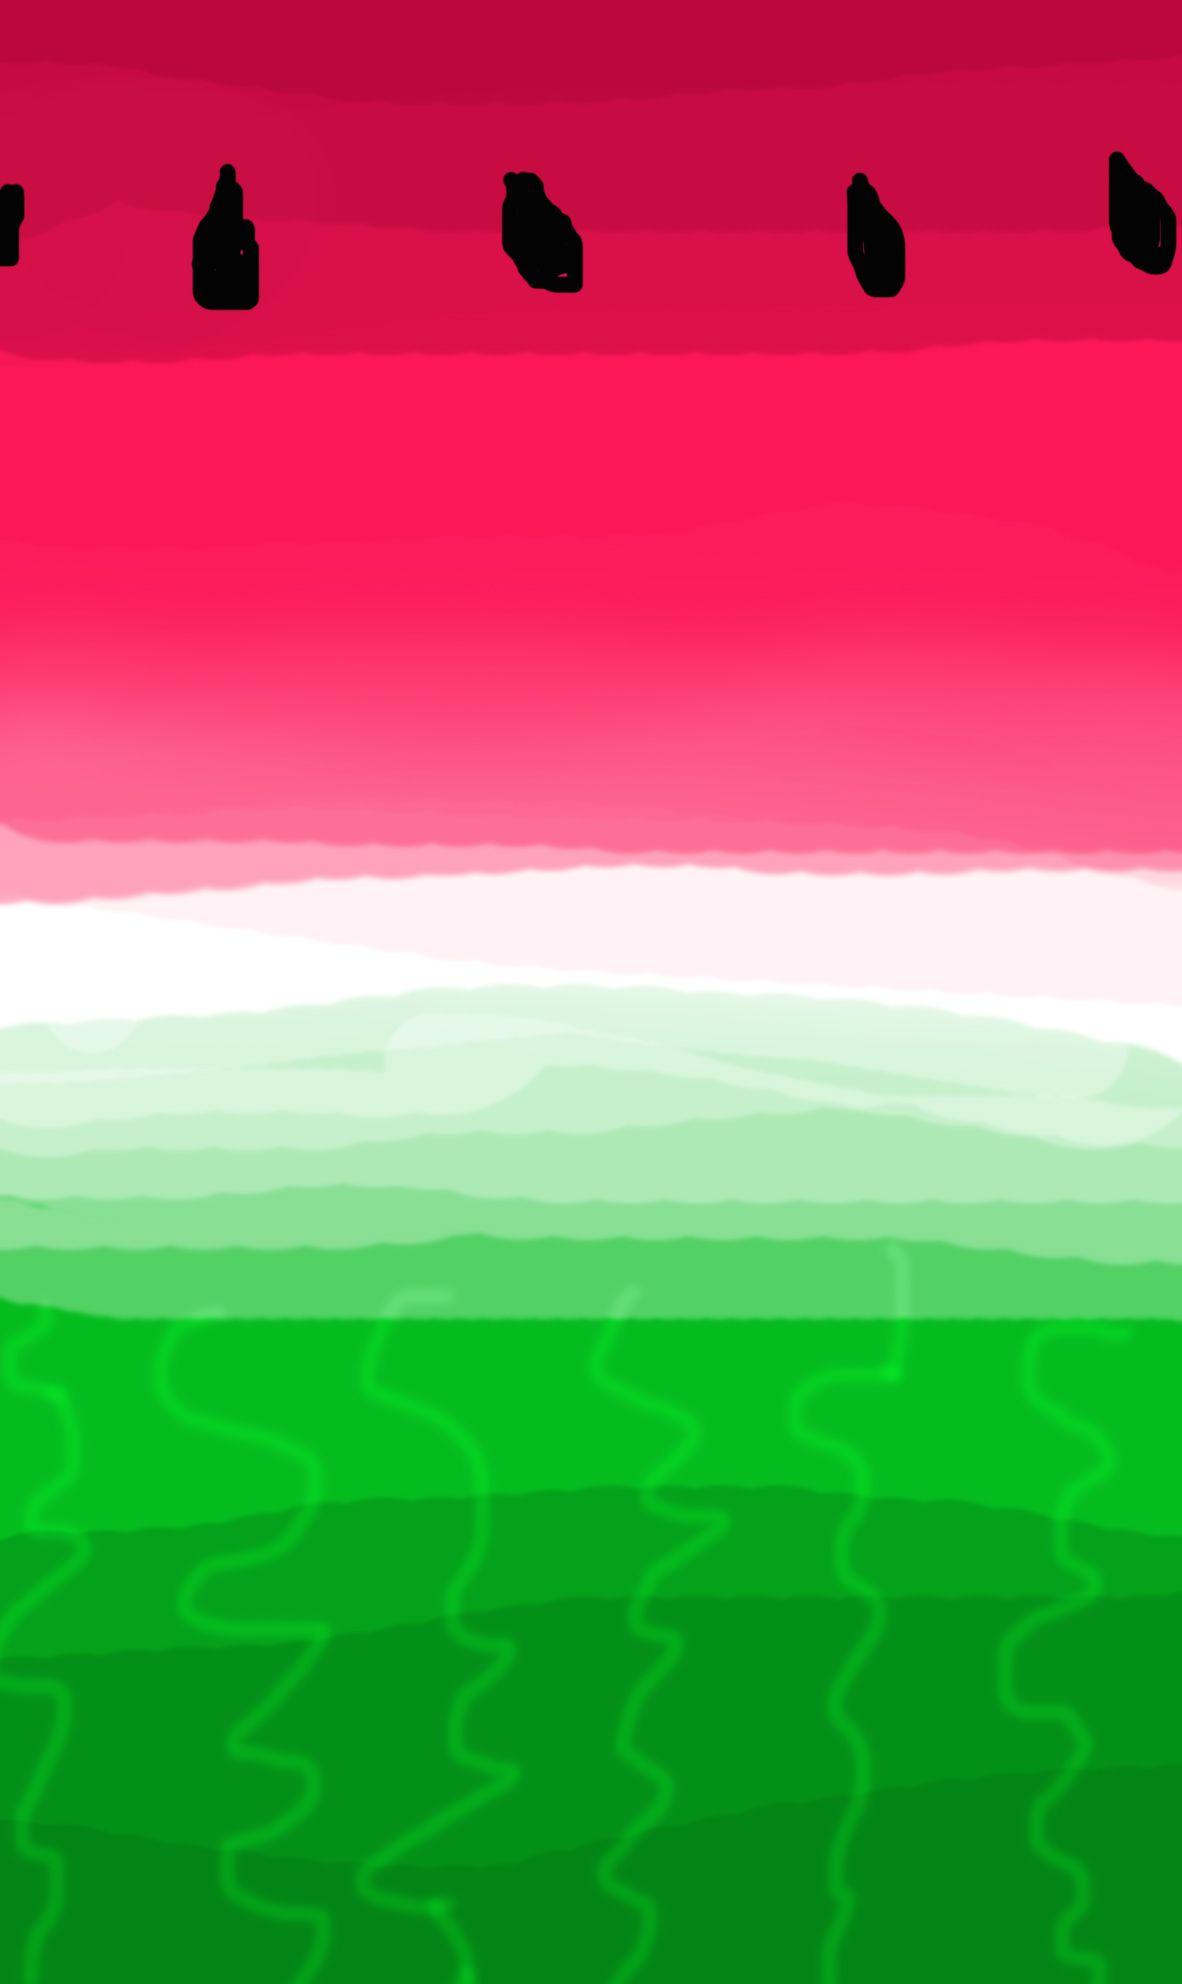 Watermelon iPhone wallpaper | Képek, Hátterek, Papír